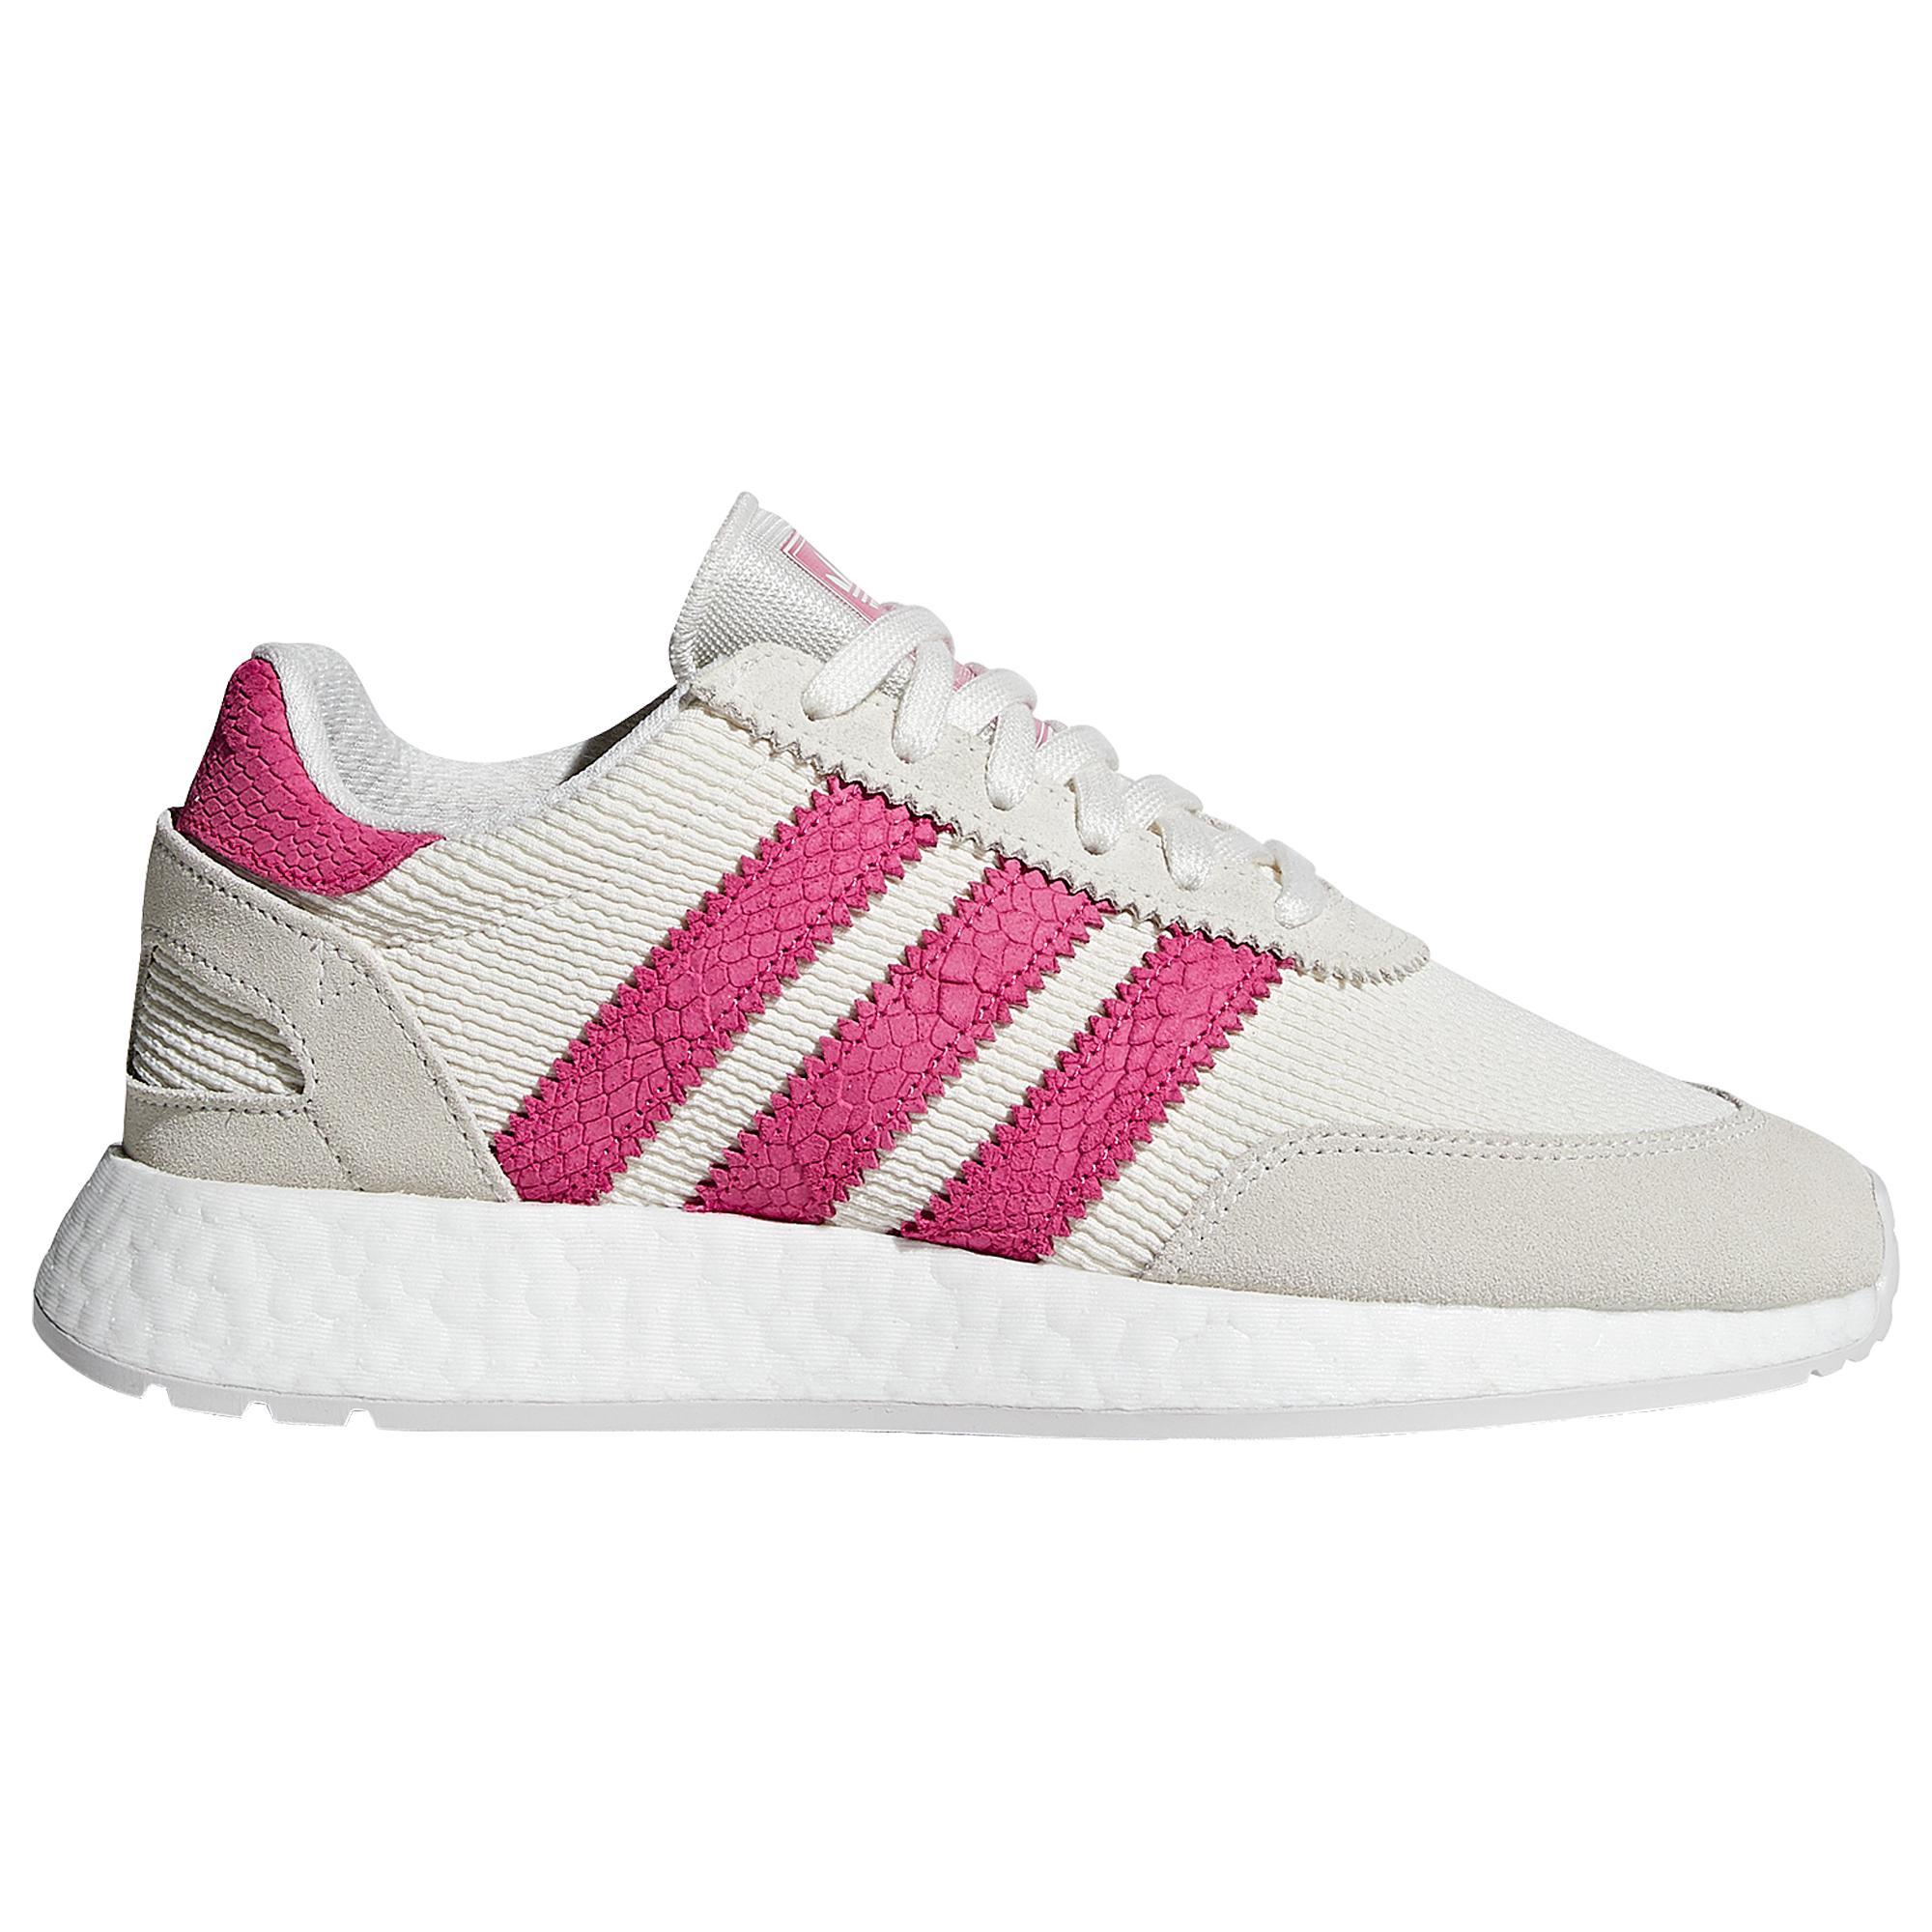 47001b527a8163 Lyst - Adidas Originals I-5923 in Pink